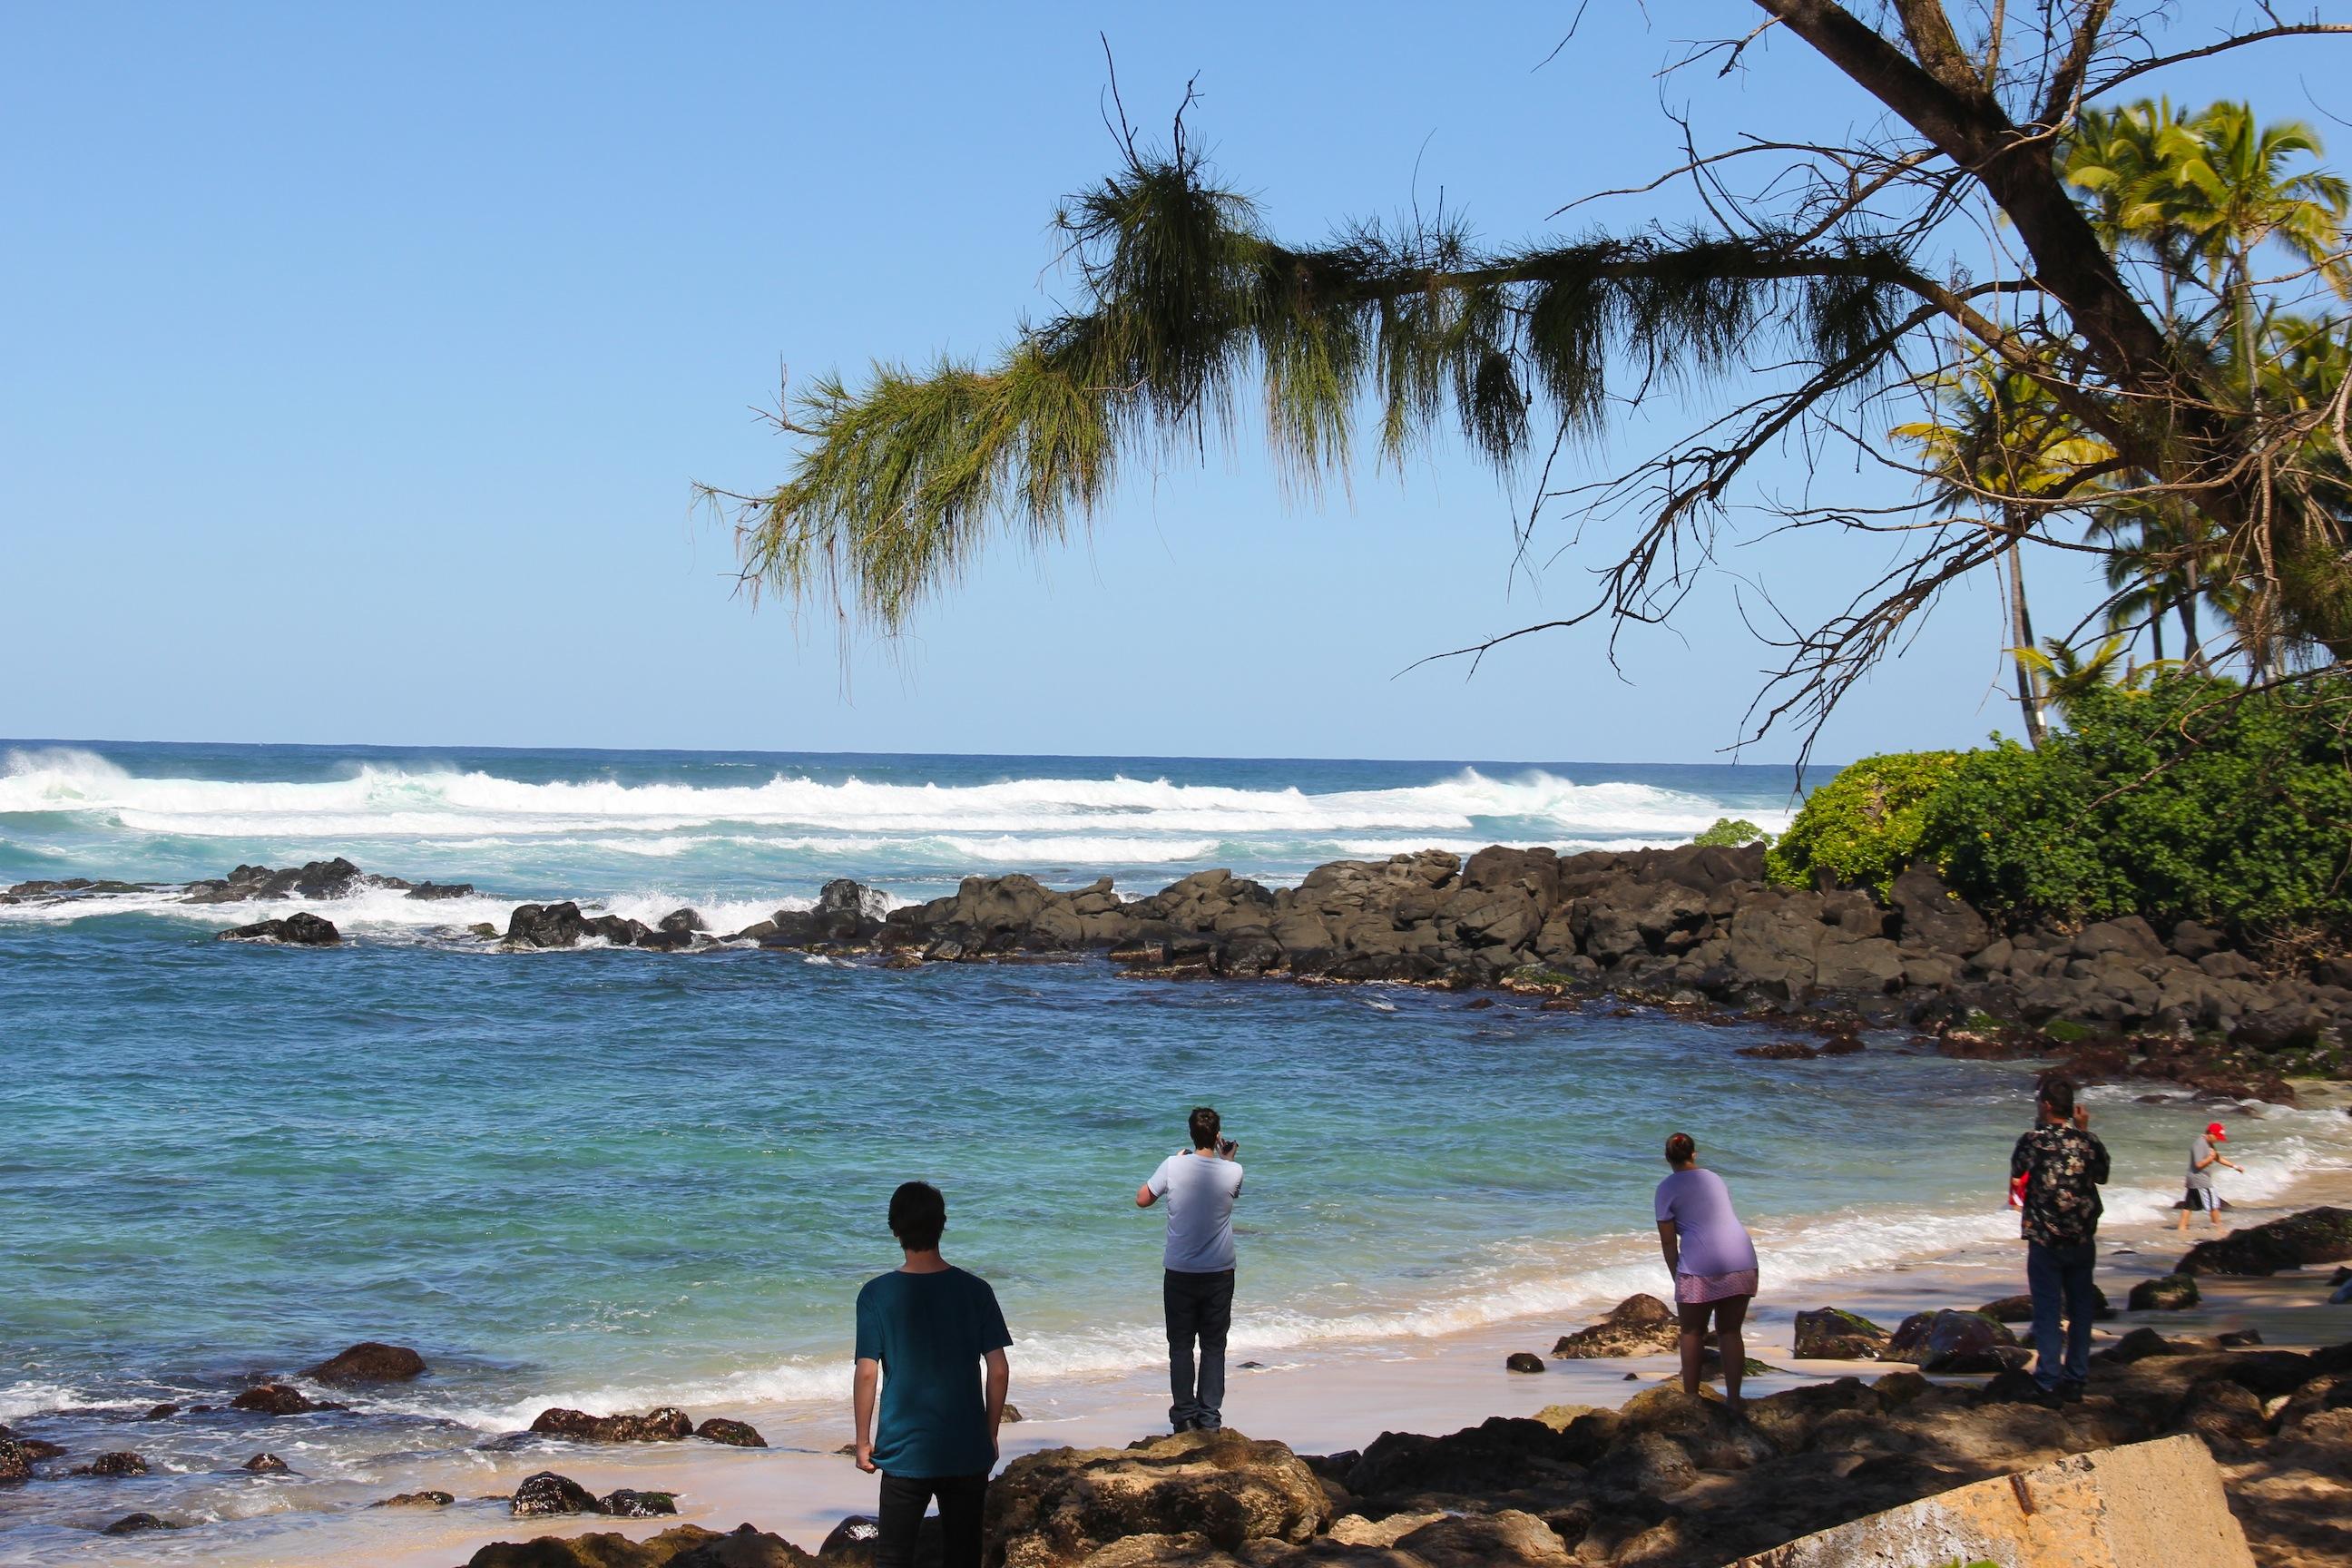 North Shore Oahu Beaches